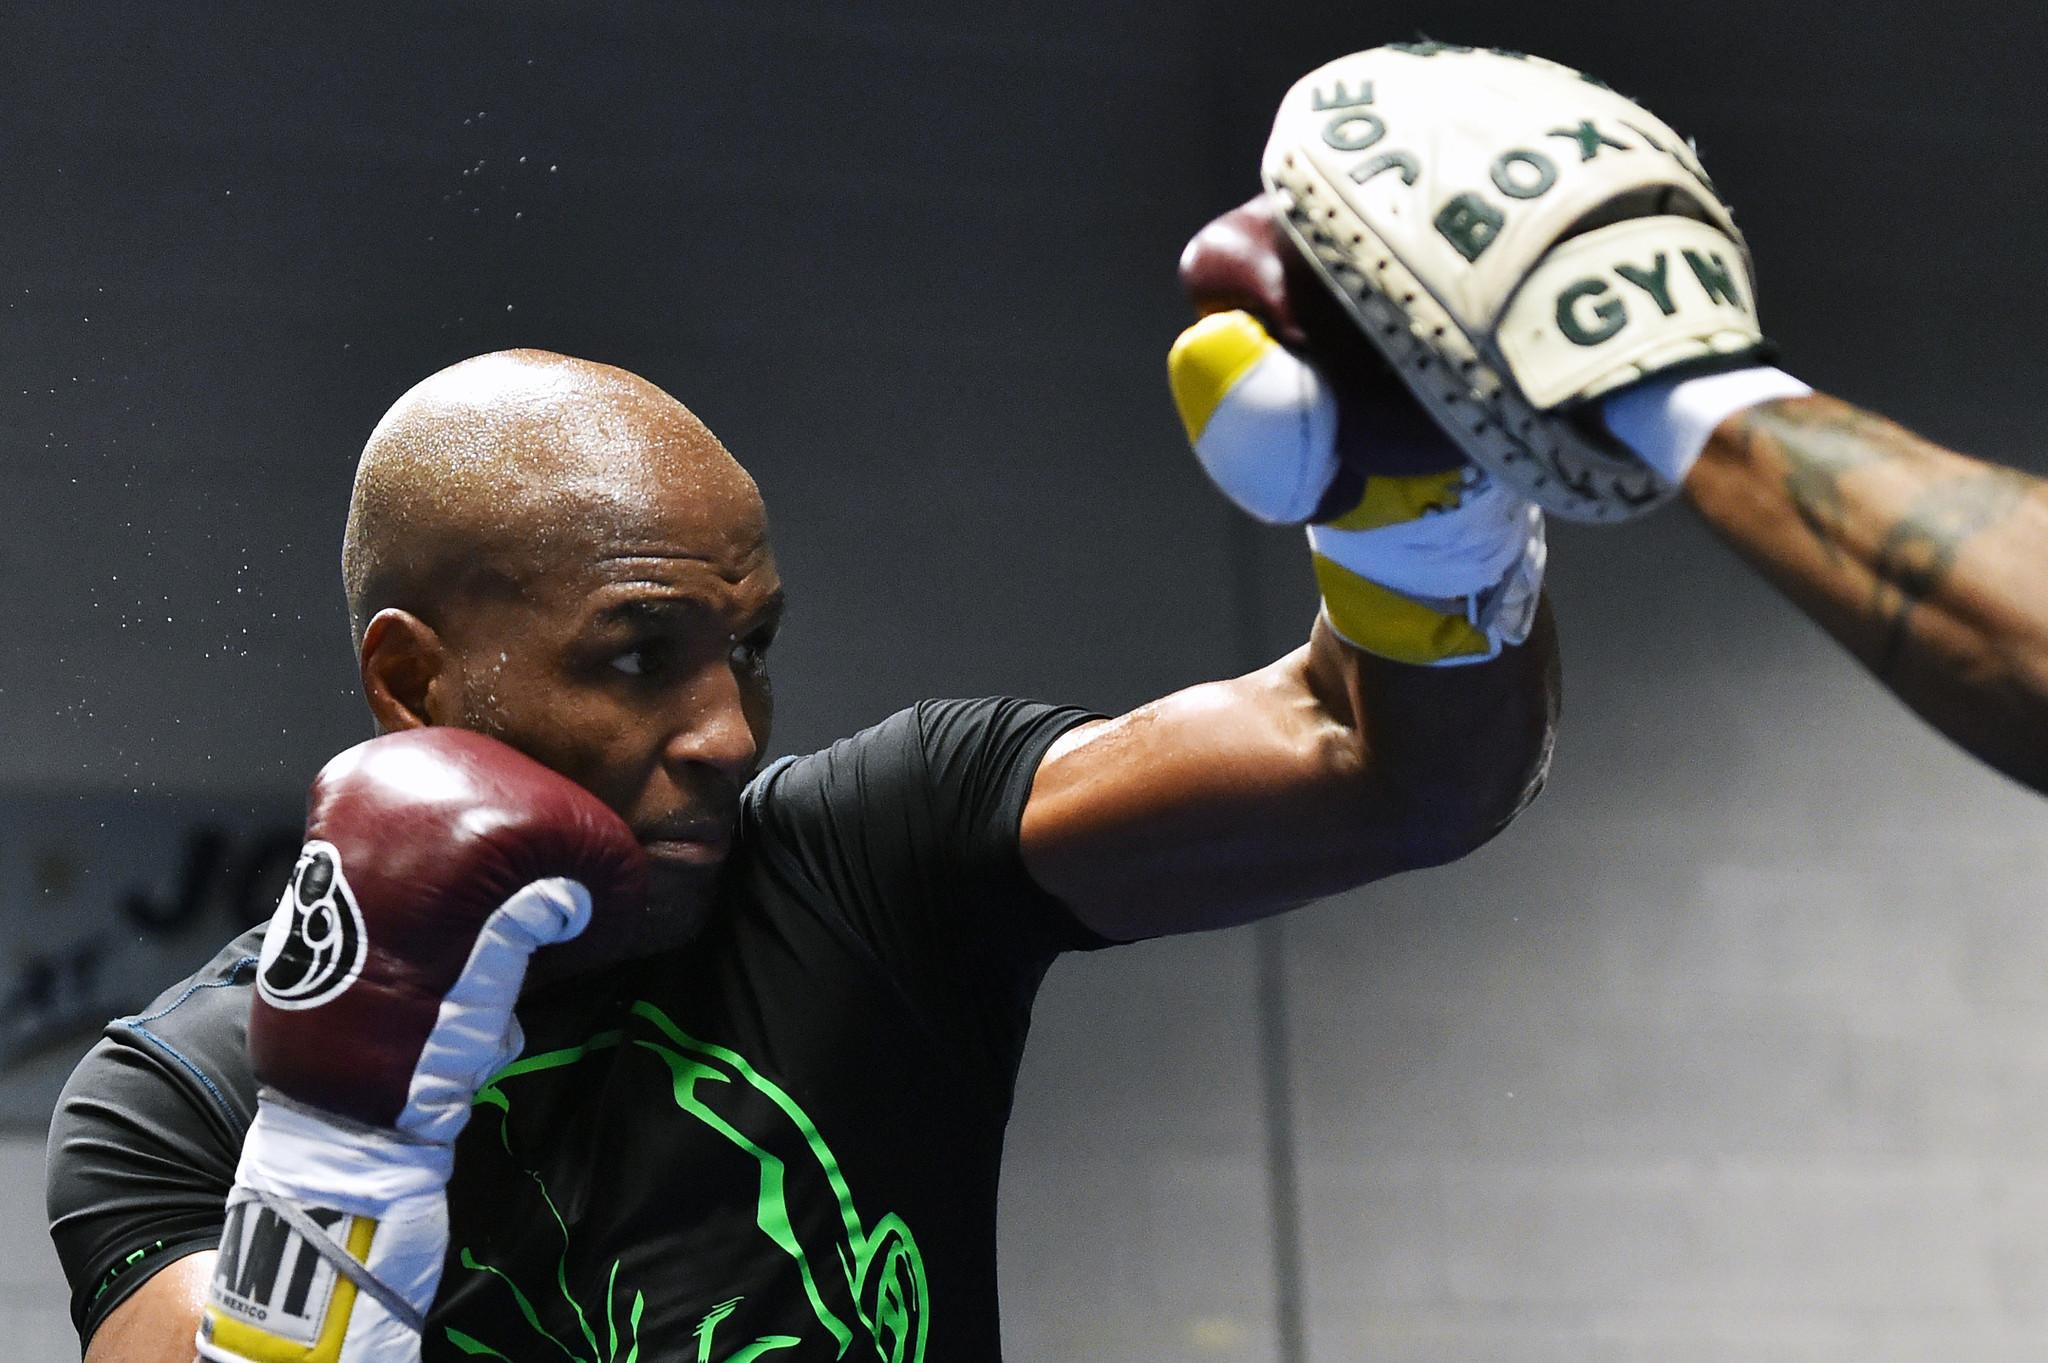 El campeón más viejo de la historia vuelve a subirse al ring